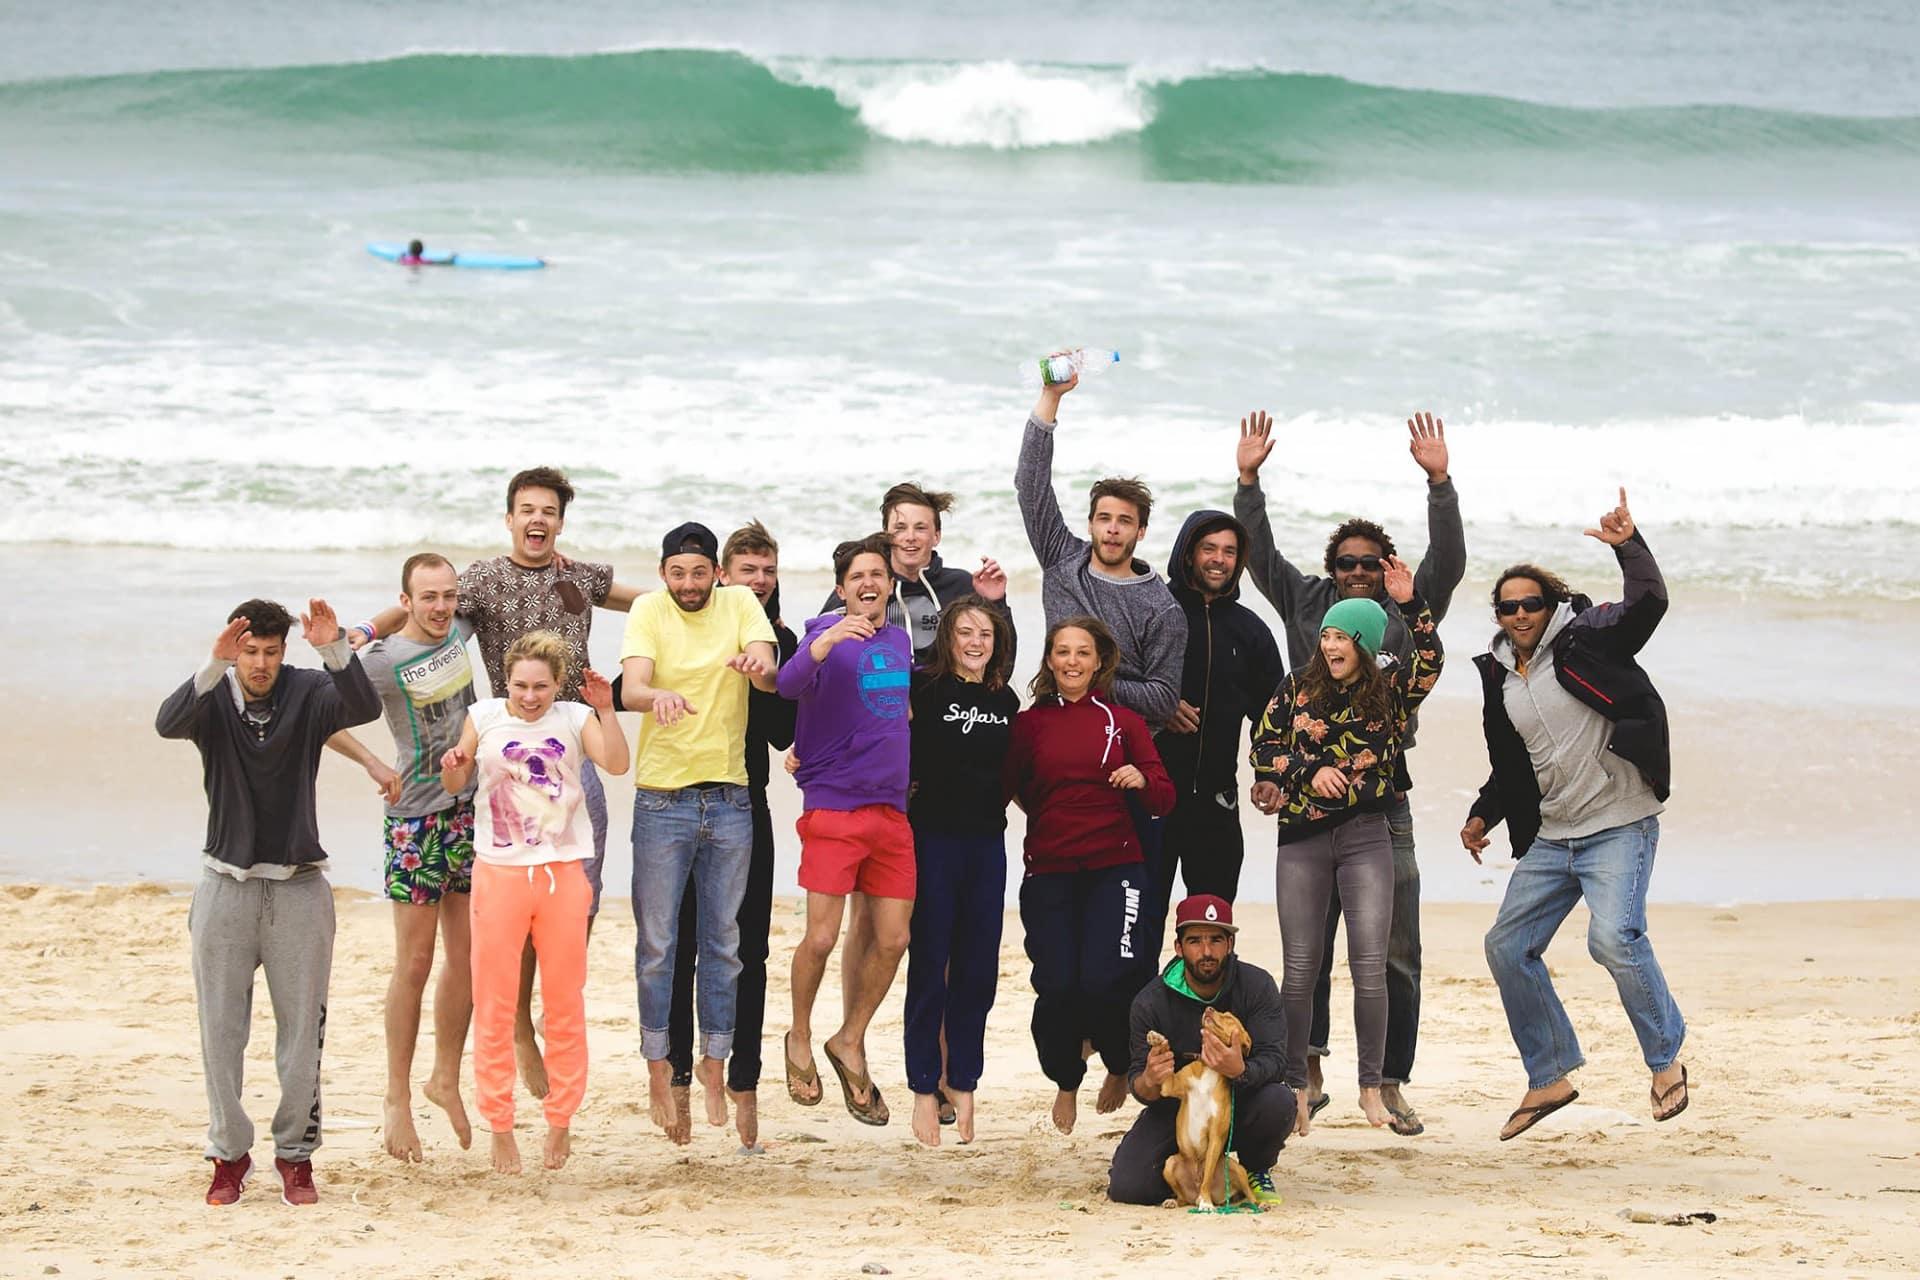 Surfkurs Peniche Gruppenfoto